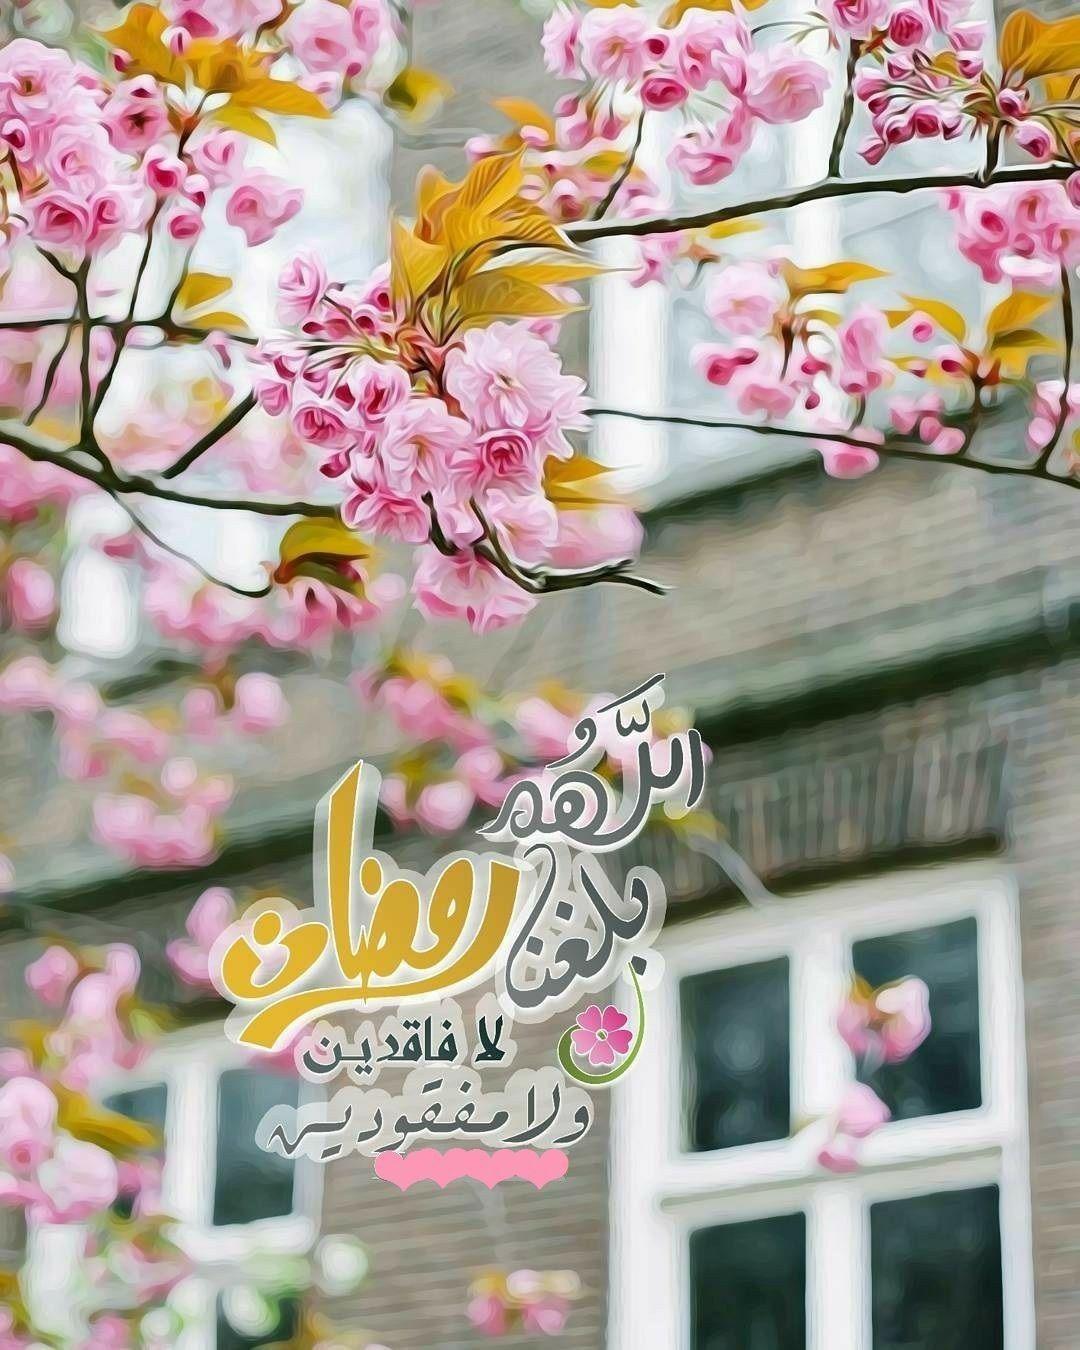 اللهم بلغنا رمضان Ramadan Cards Ramadan Decorations Ramadan Lantern